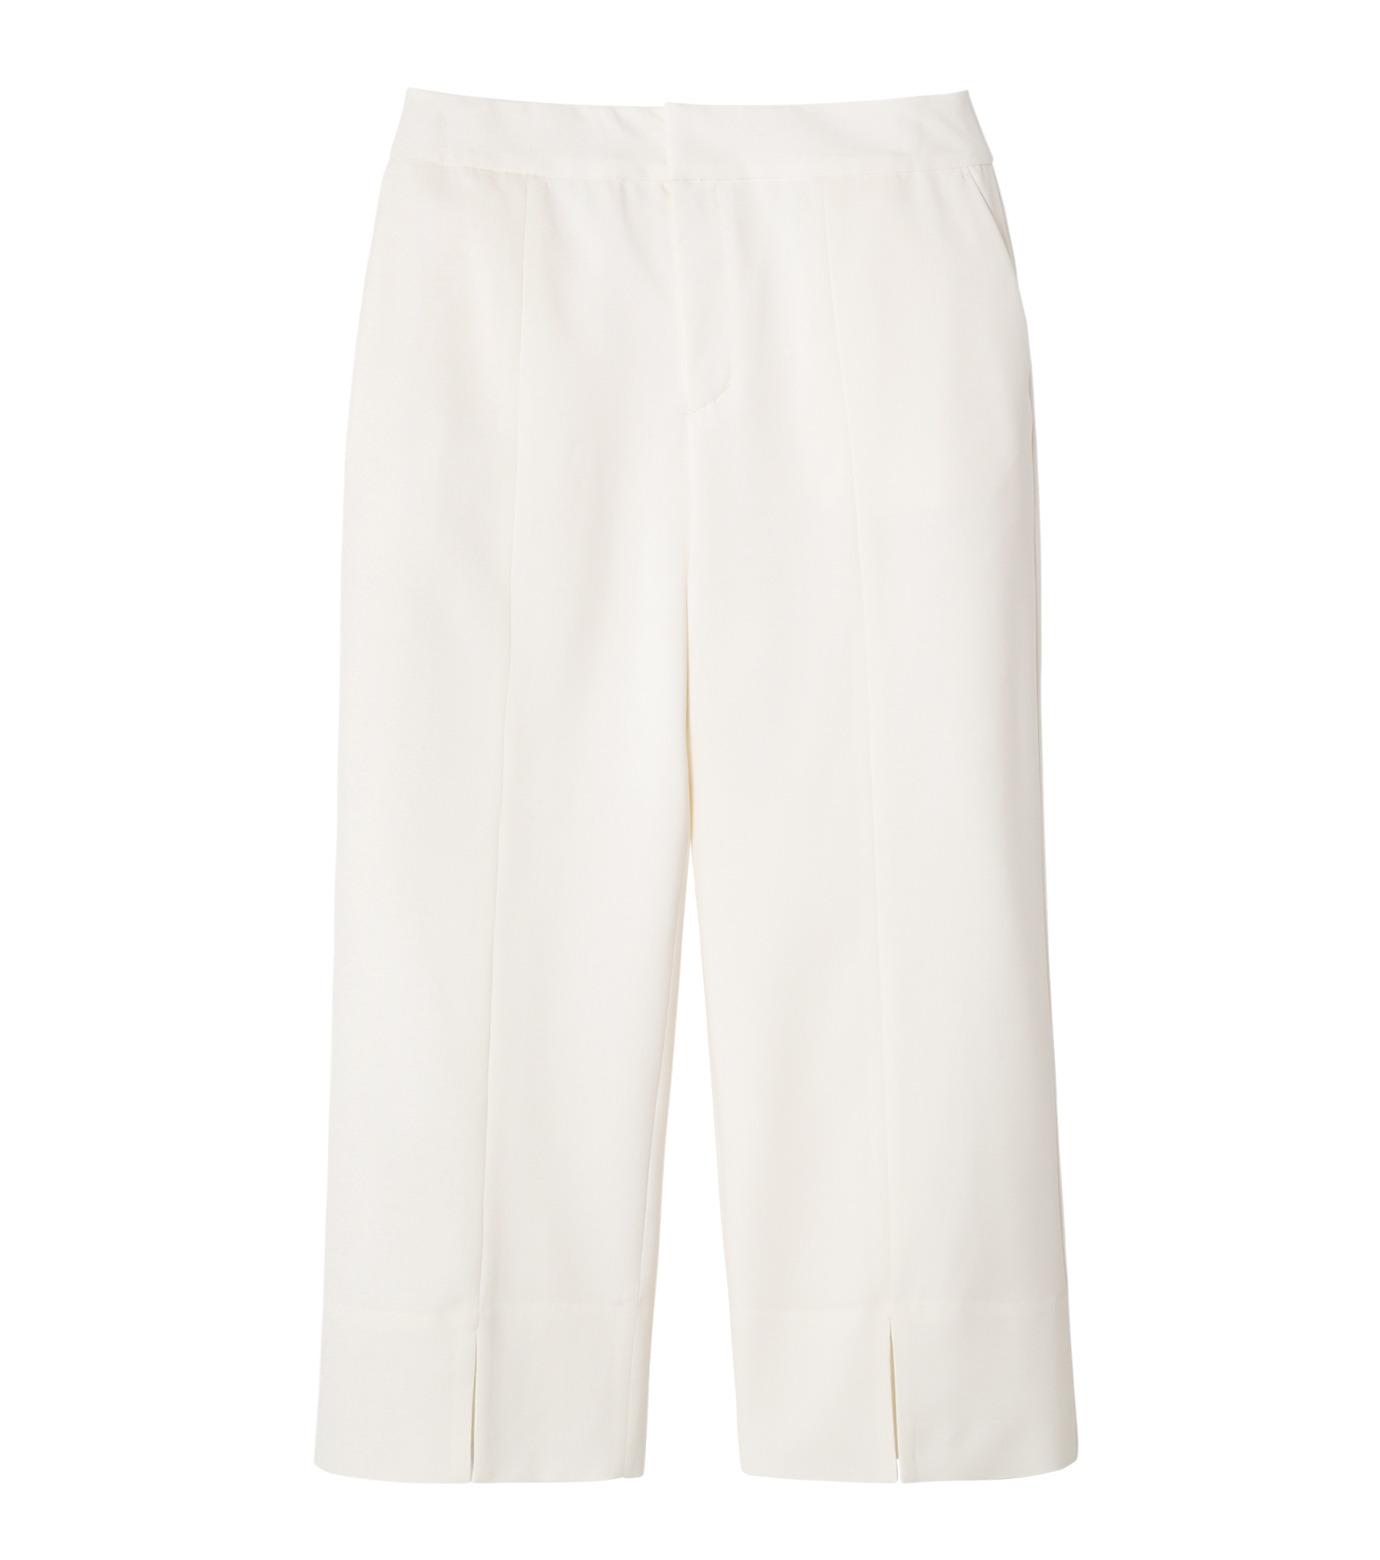 LE CIEL BLEU(ルシェルブルー)のサマーウールストレートパンツ-WHITE(パンツ/pants)-19S68105 拡大詳細画像1